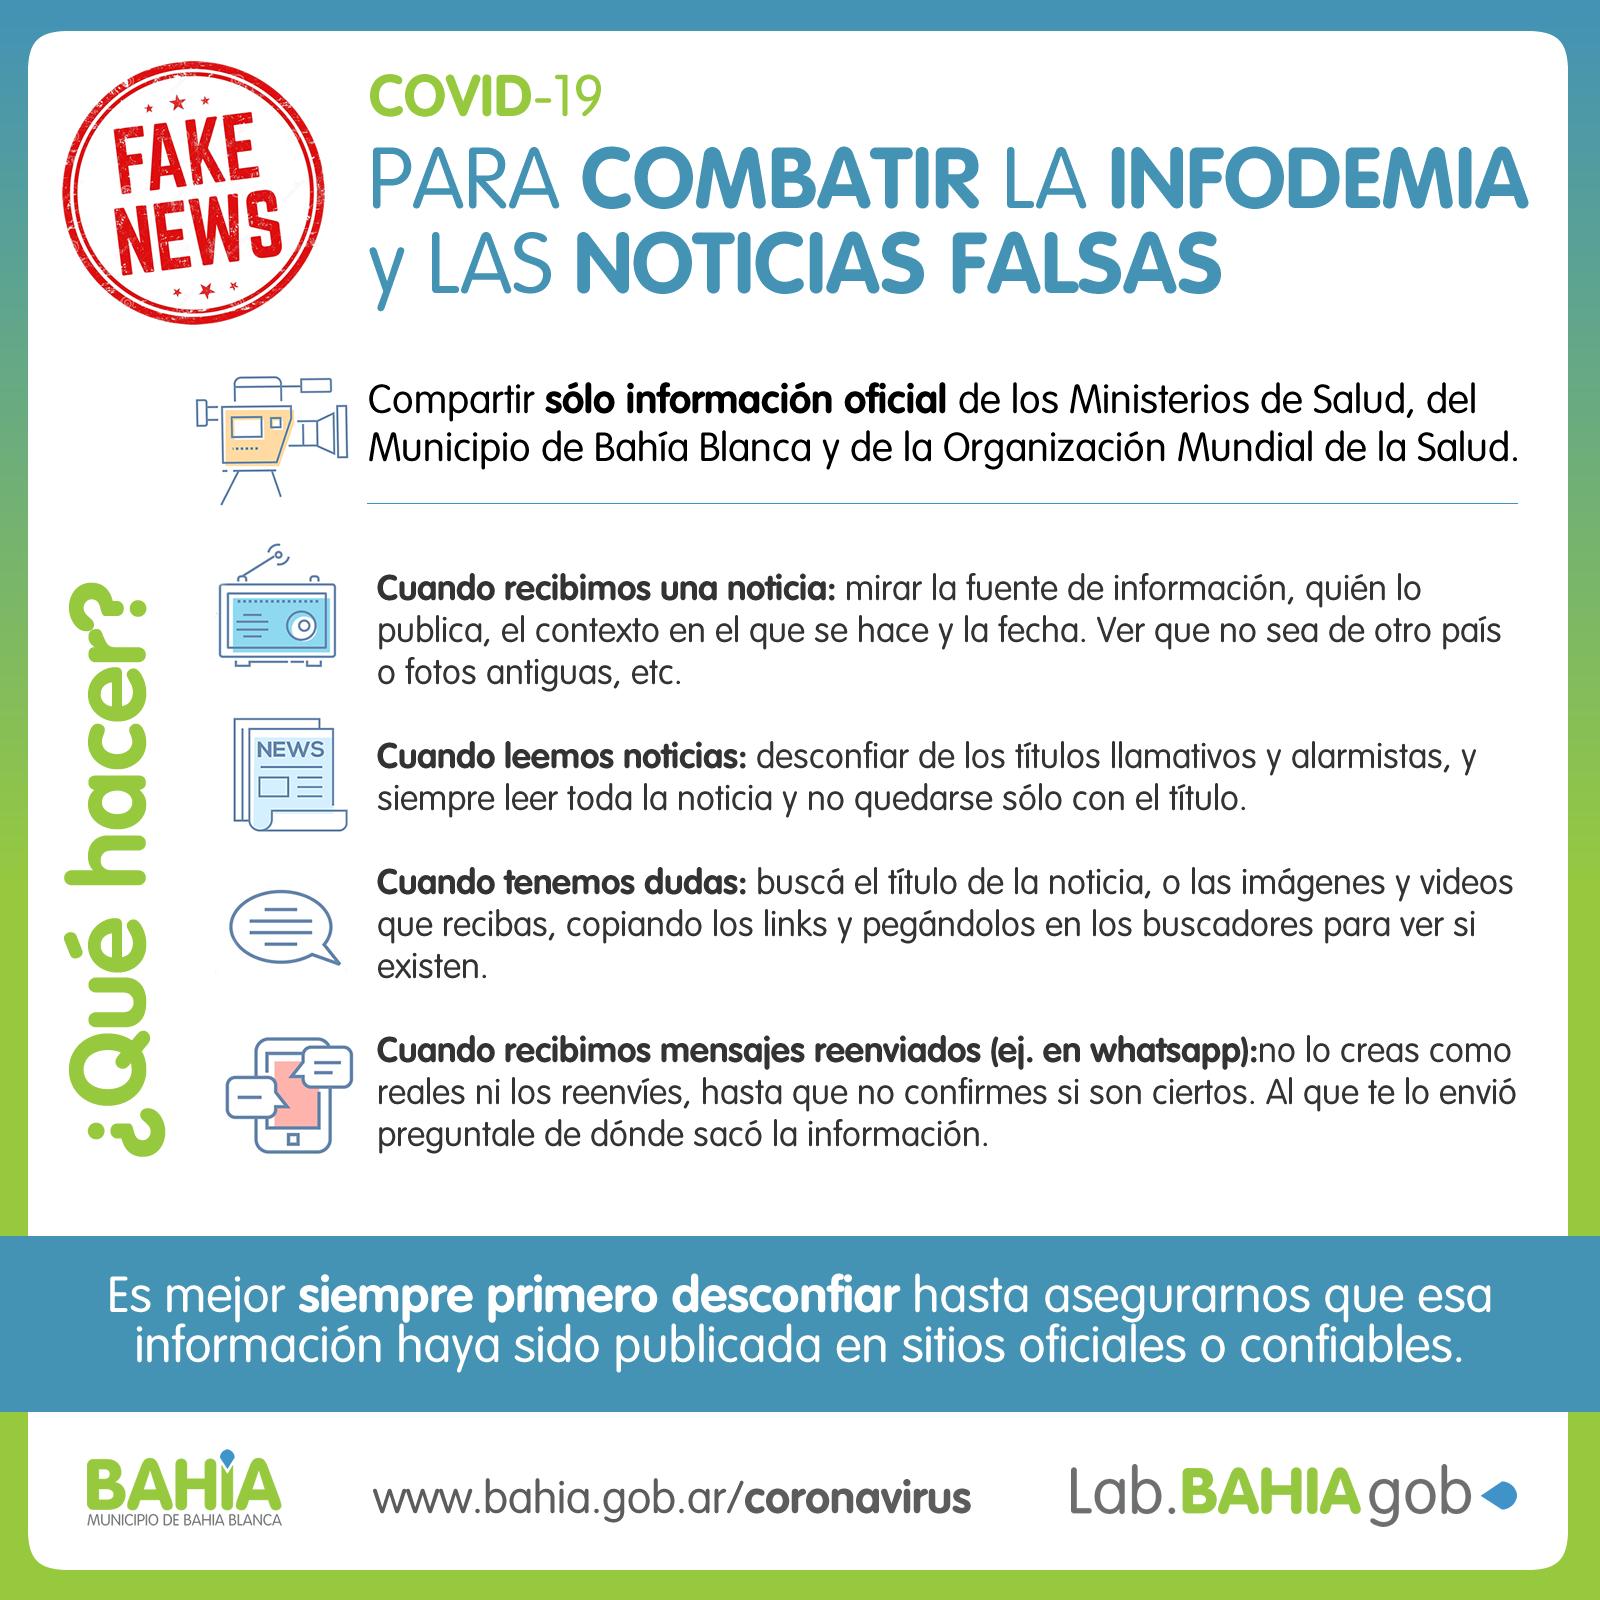 infodemia y noticias falsas A